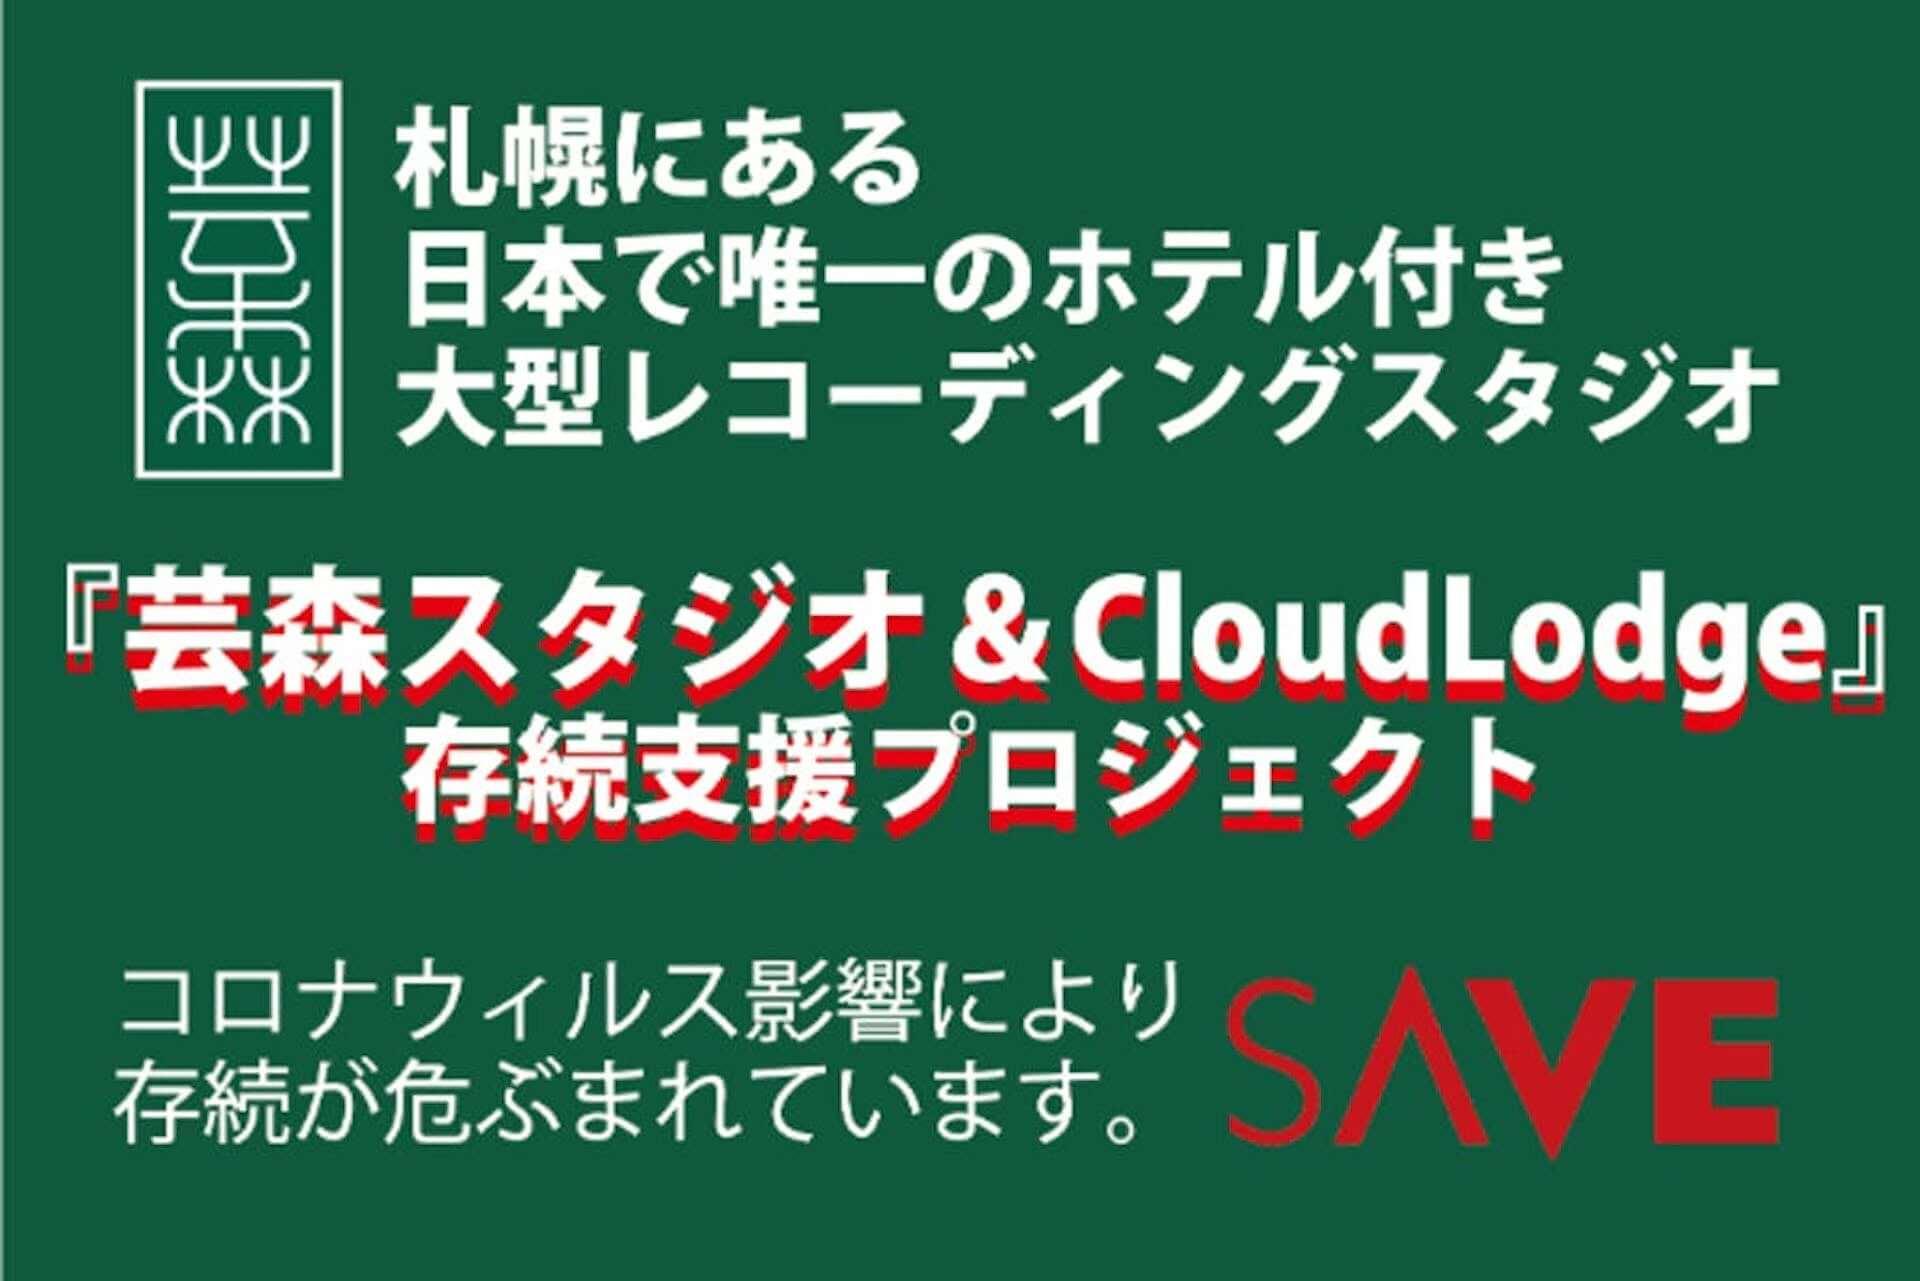 坂本龍一×大貫妙子のアルバムもレコーディングされた札幌「芸森スタジオ&CloudLodge」応援クラウドファンディングが実施中! art200707_sapporo_geimori_st_10-1920x1281